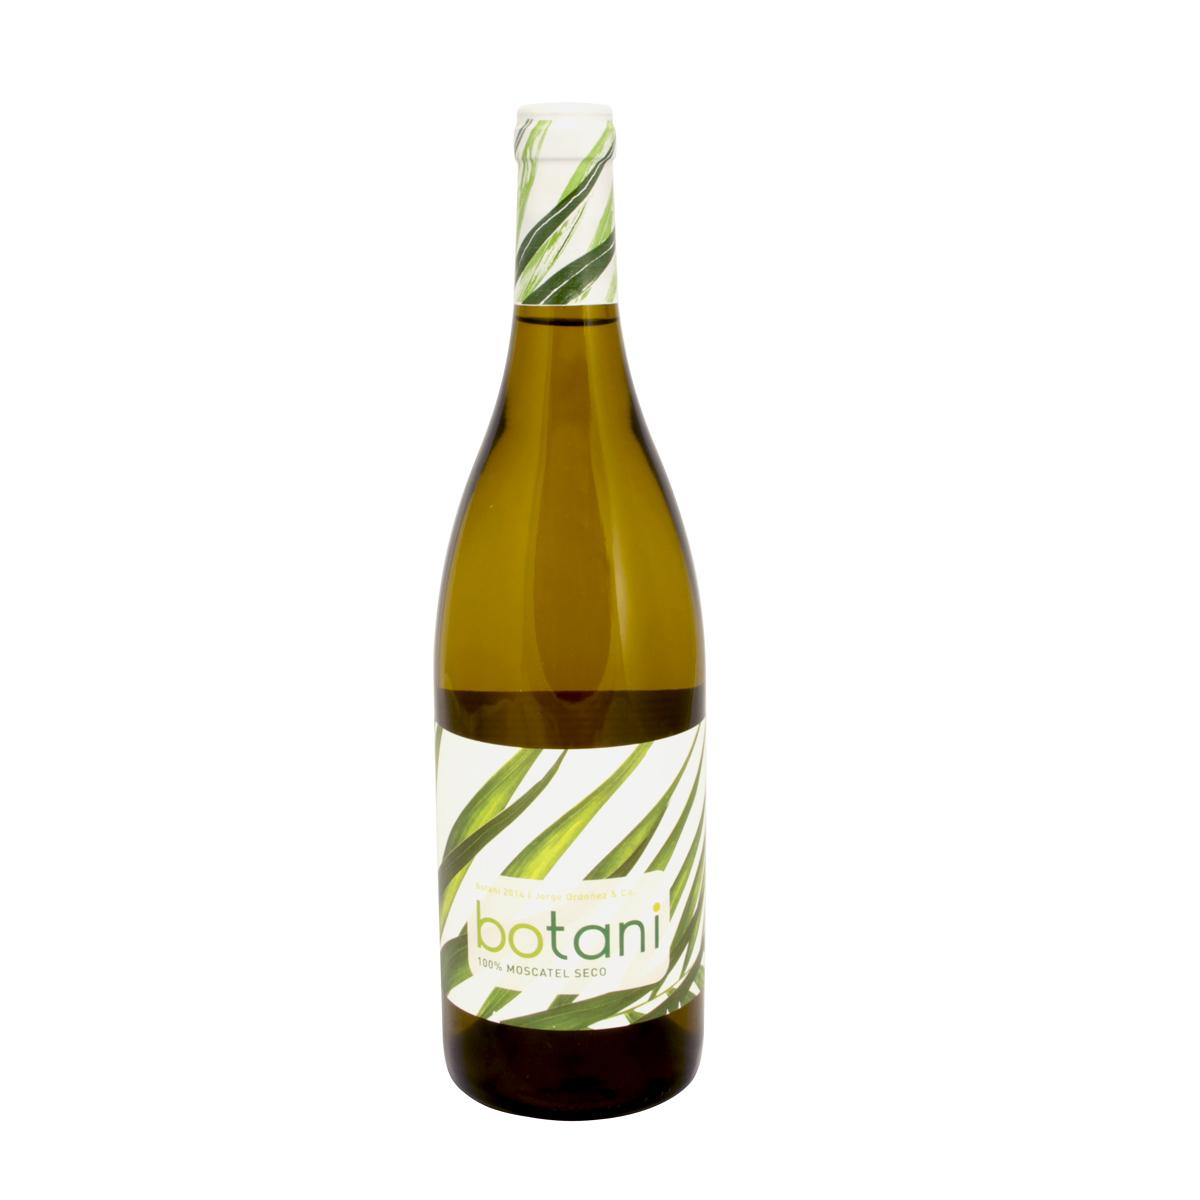 Botani 2015 - Tienda Online VENTAJON